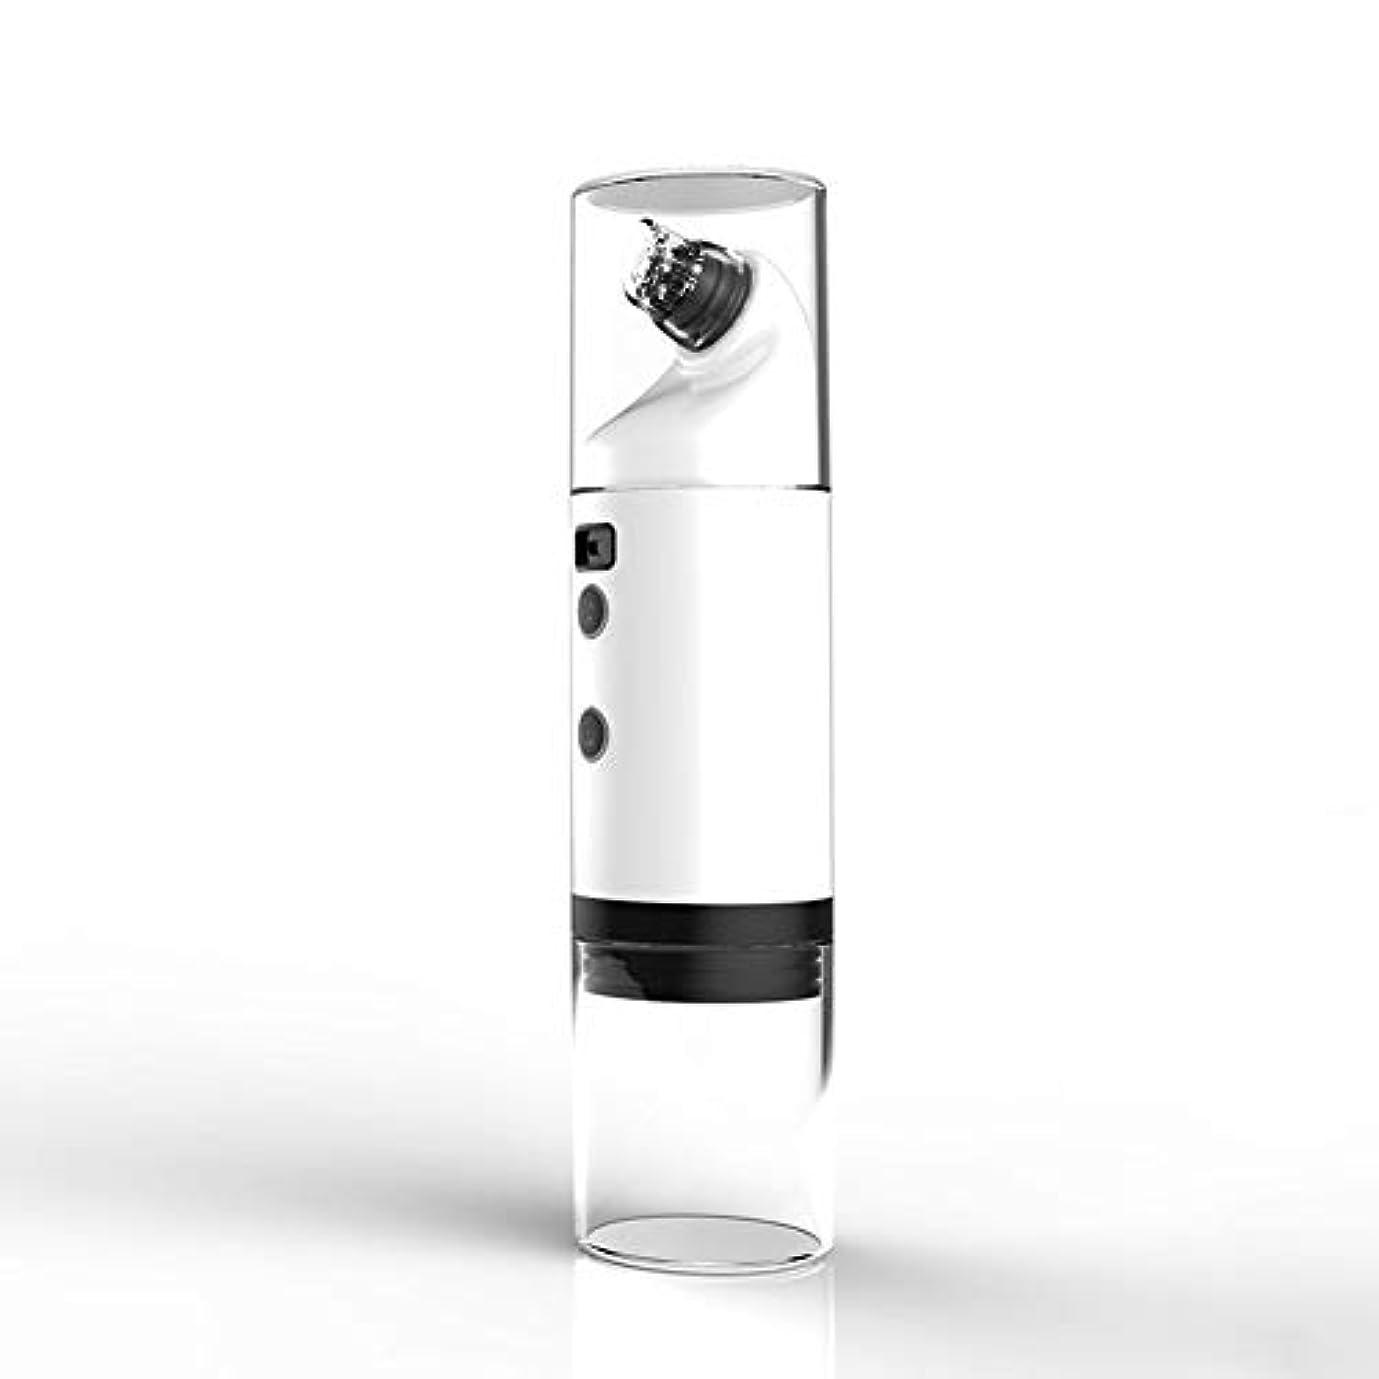 パラシュート追記困ったにきび楽器、電気吸引にきび世帯、毛穴クリーニング小さな泡美容器具、、フェイス鼻のためのLEDディスプレイと充電式USBおでこホワイトヘッドクリーン